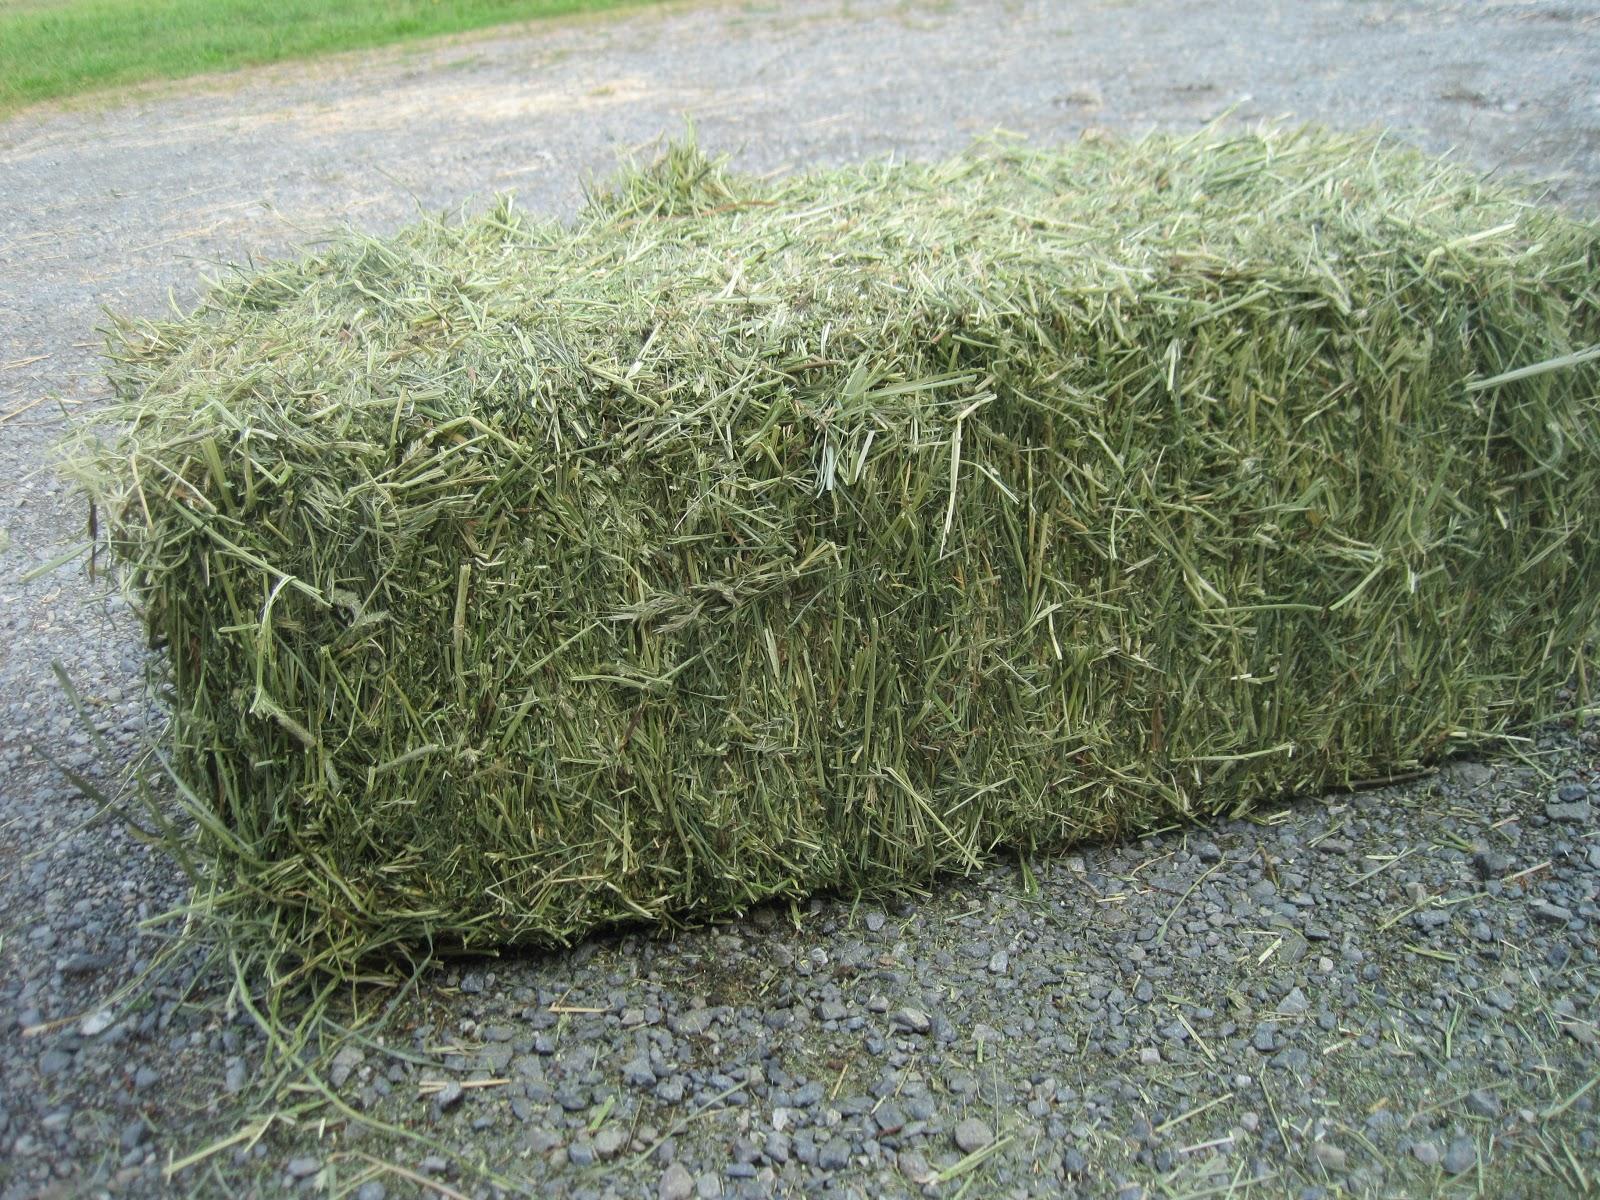 http://2.bp.blogspot.com/-IQgcuq1qFnA/UKCFvhfvmMI/AAAAAAAAALg/1uE73cWyw3k/s1600/alf+grass+and+orchard+2011+006.JPG